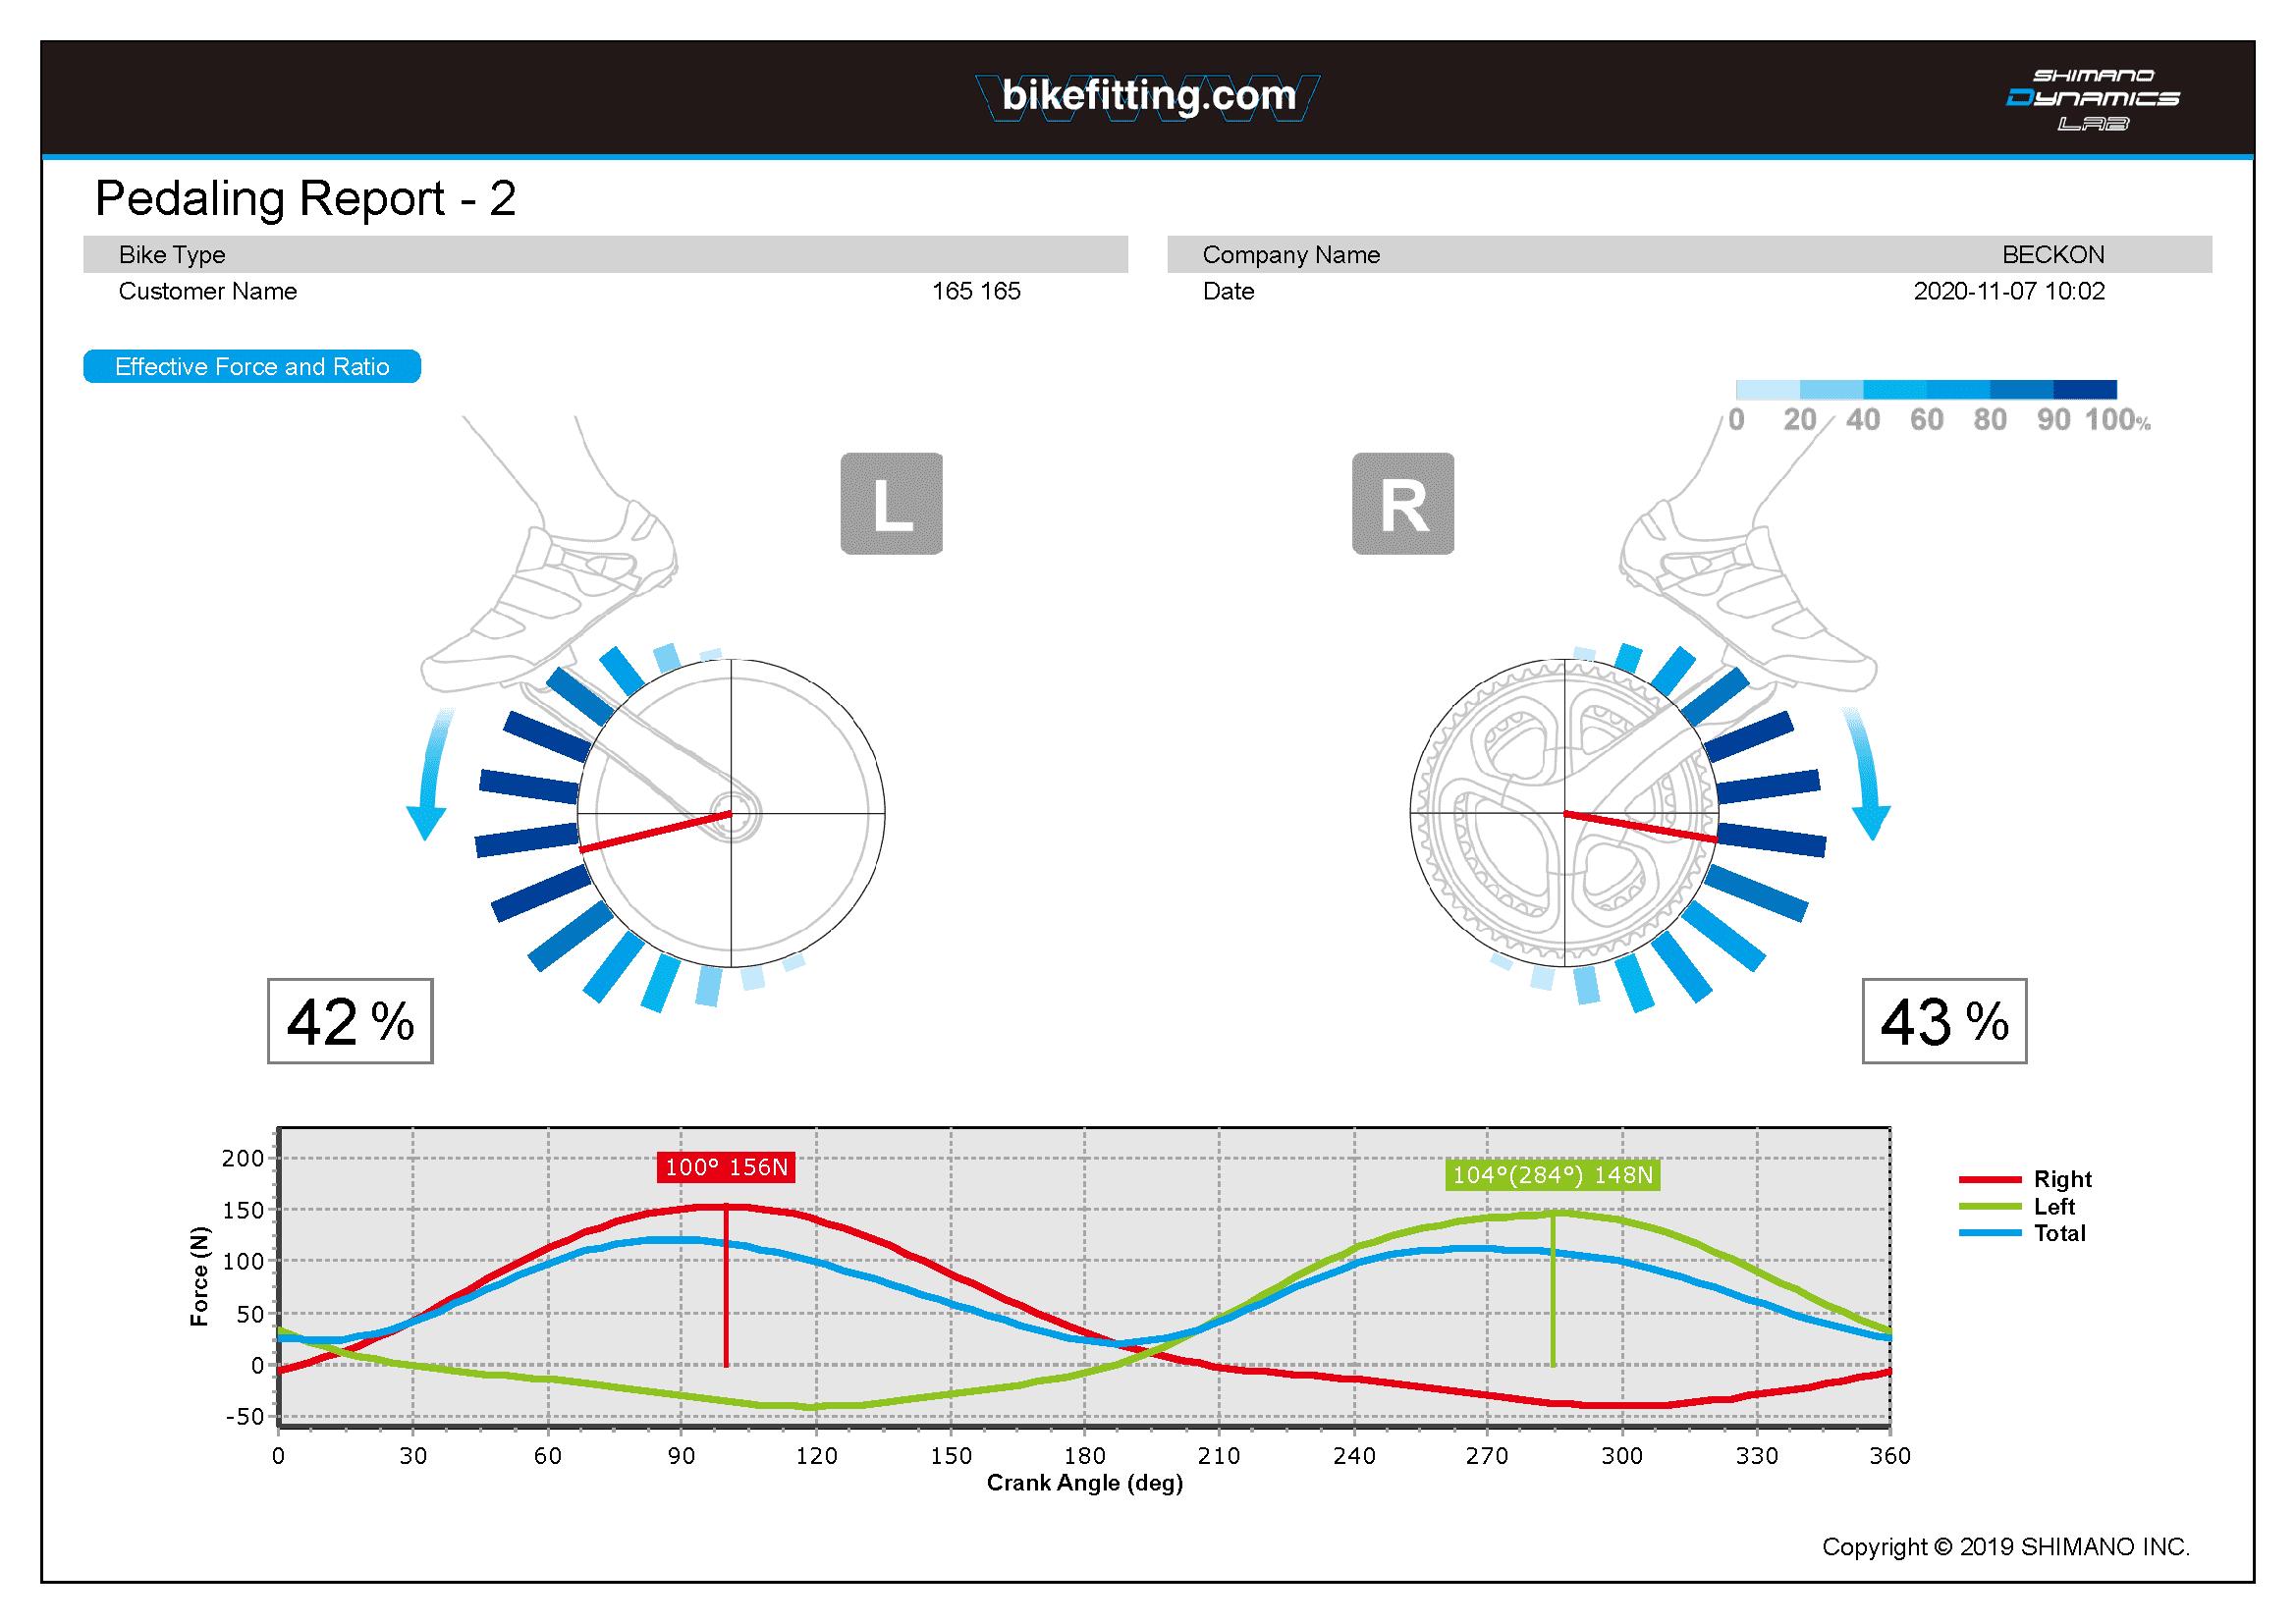 クランクの位置ごとに、どのくらいトルクがかかっているかわかる